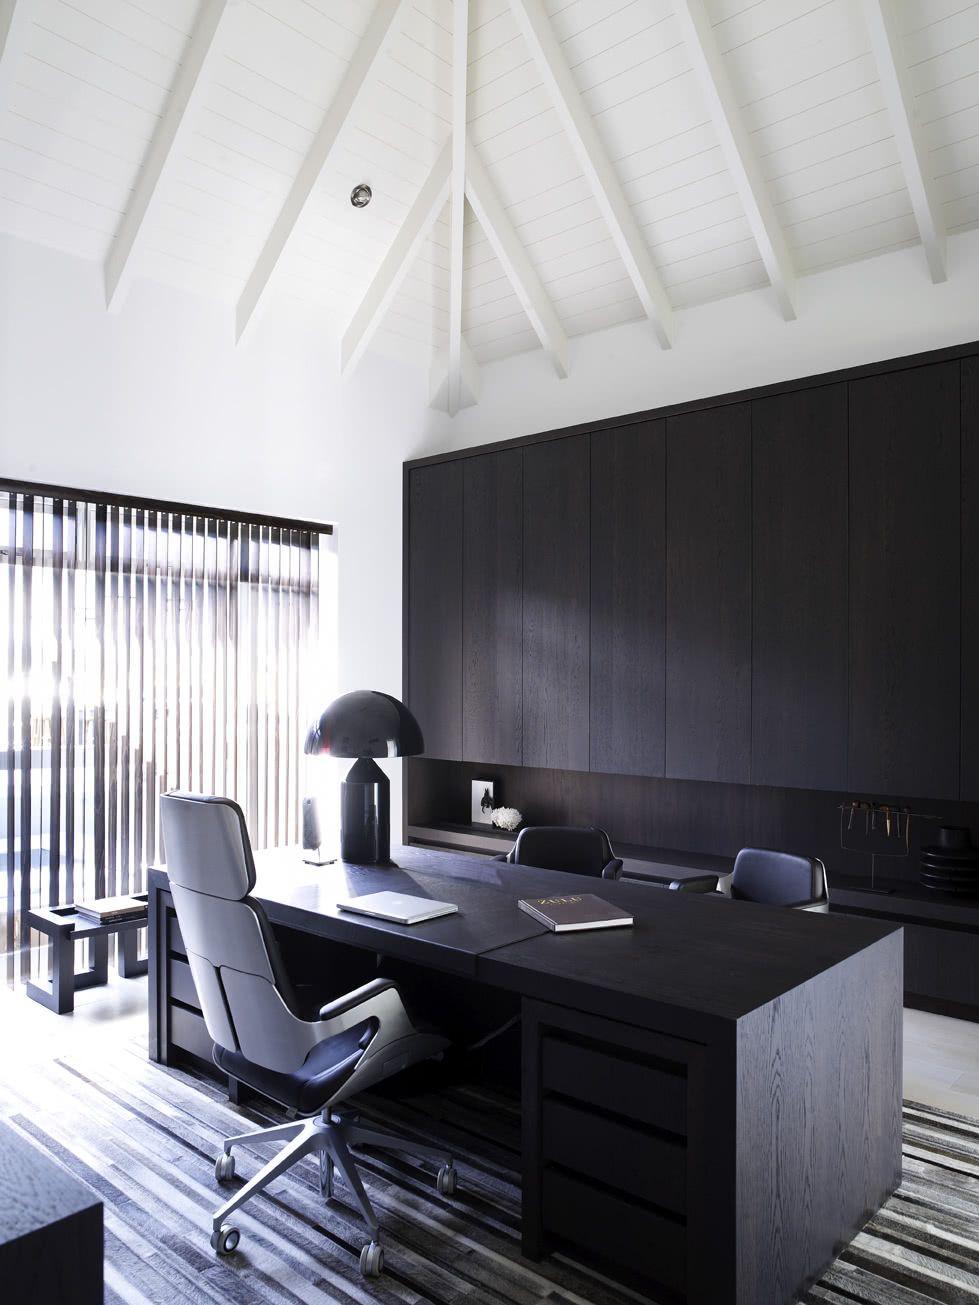 Já para pisos com tapetes ou carpetes, o rodizio duro tipo H é o ideal.